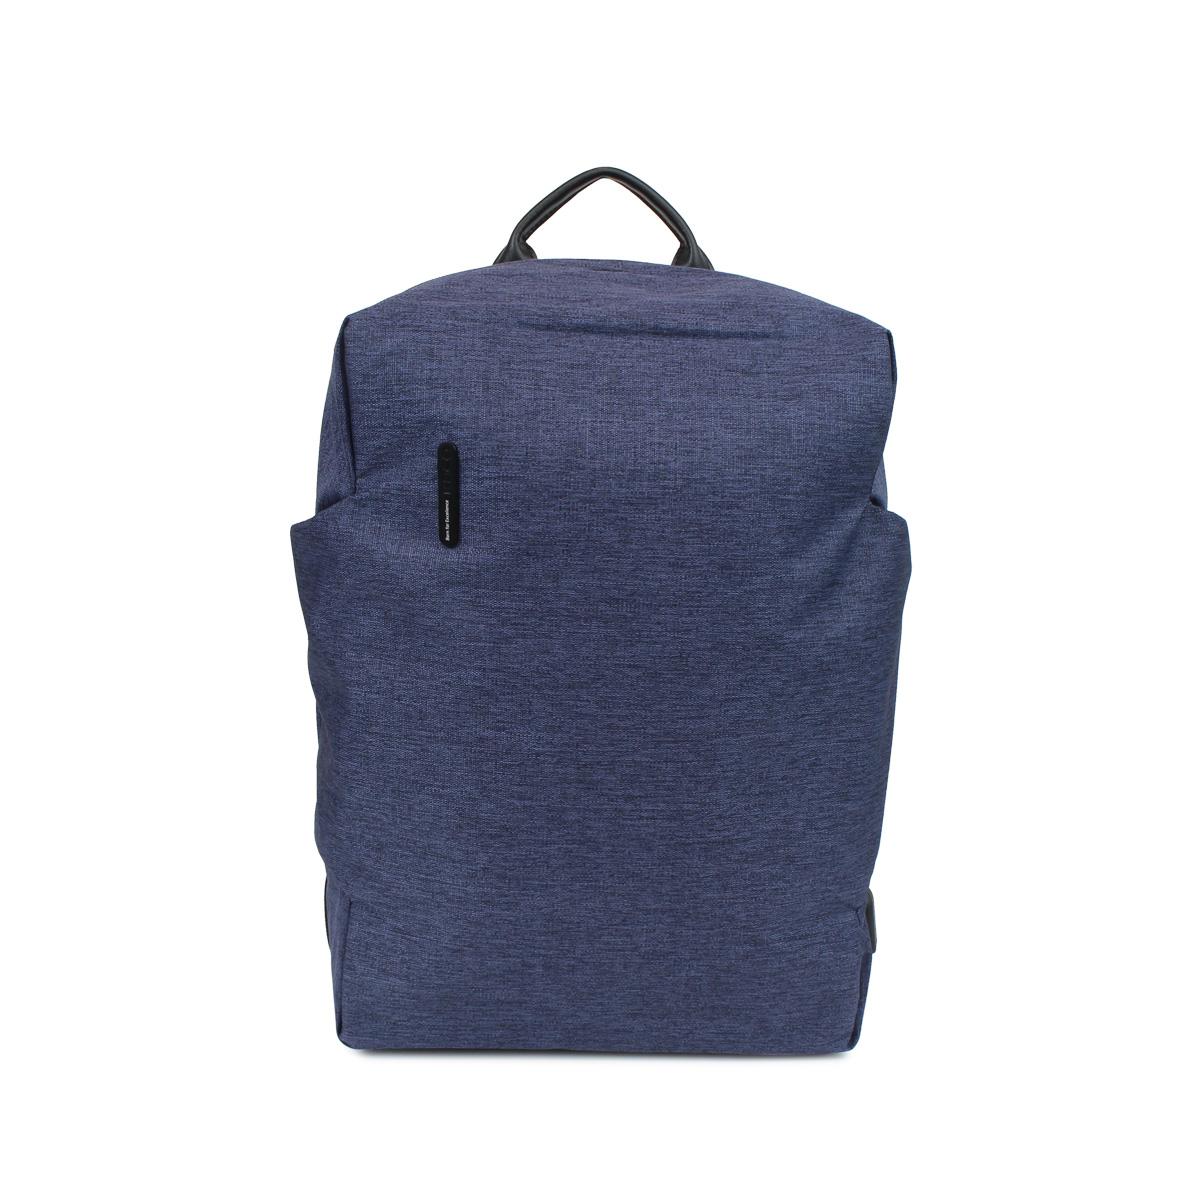 KACO ALIO BACKPACK カコ リュック バッグ バックパック メンズ レディース ビジネス グレー ブルー K1217